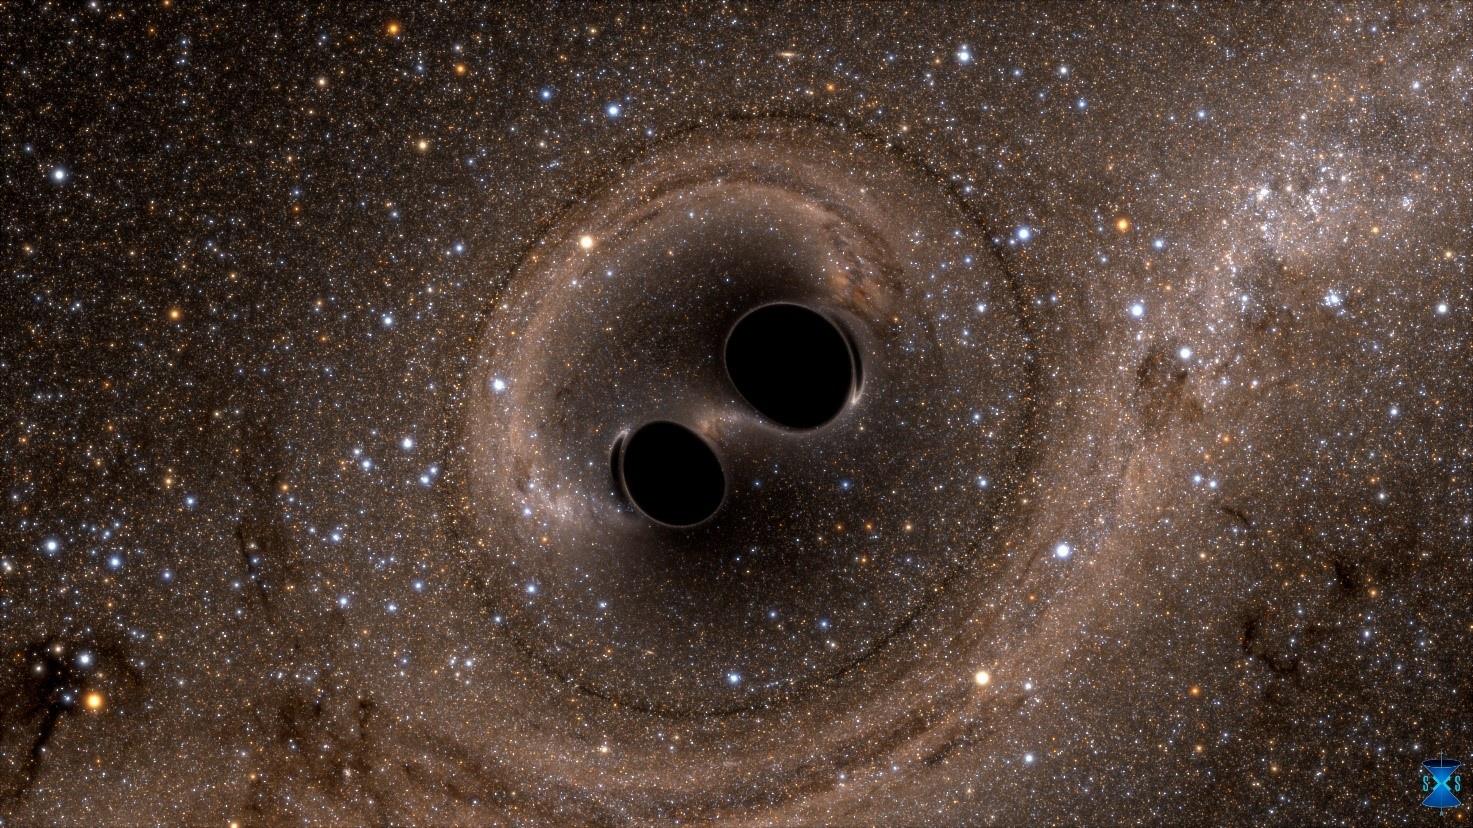 Onde gravitazionali, cosa sono e come osservarle